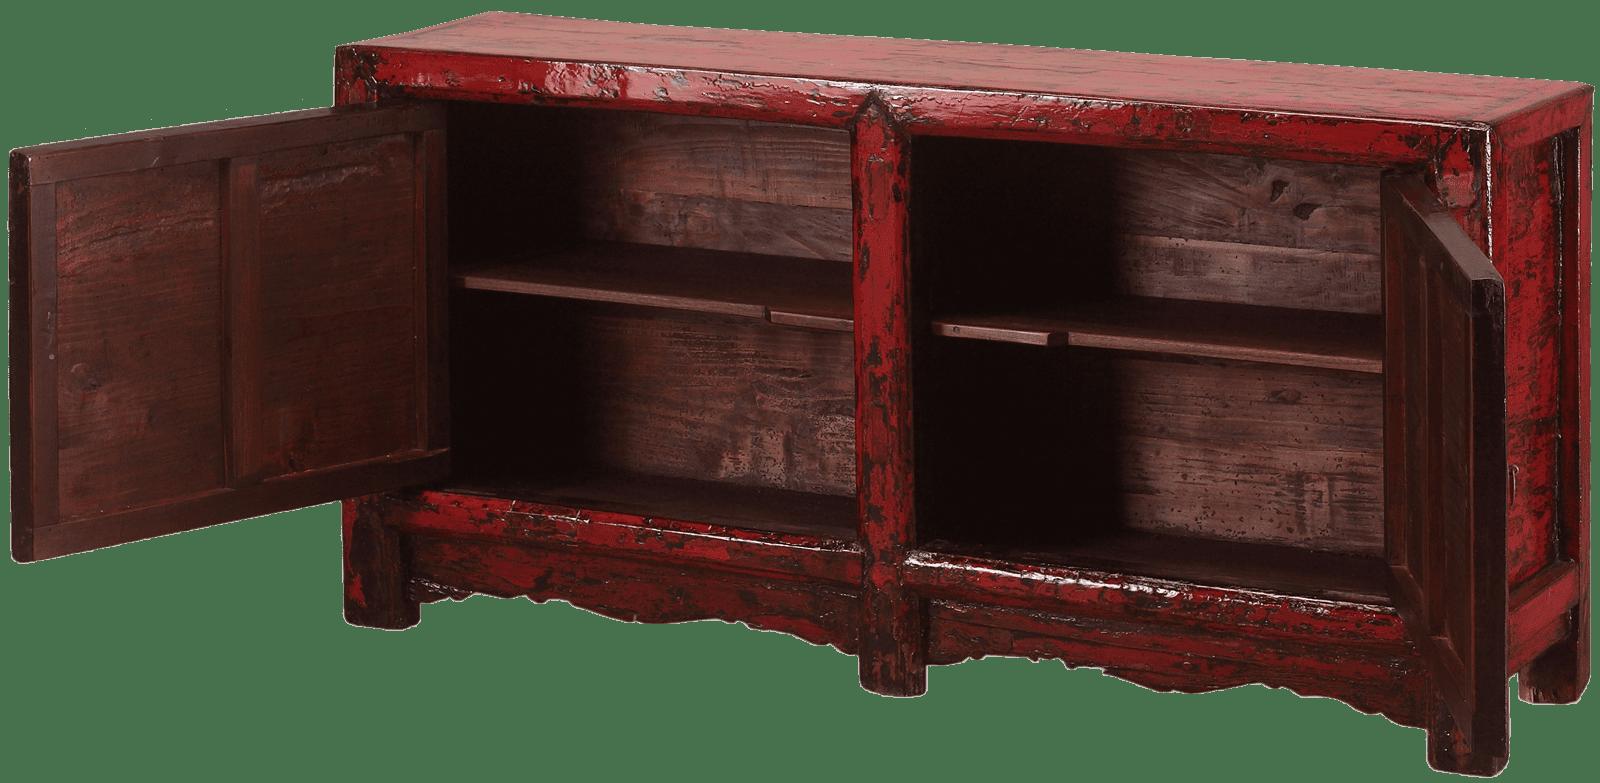 oud-chinees-dressoir-oosterse-meubelen-chinese-meubels-luxe-exclusieve-meubels open deurtjes